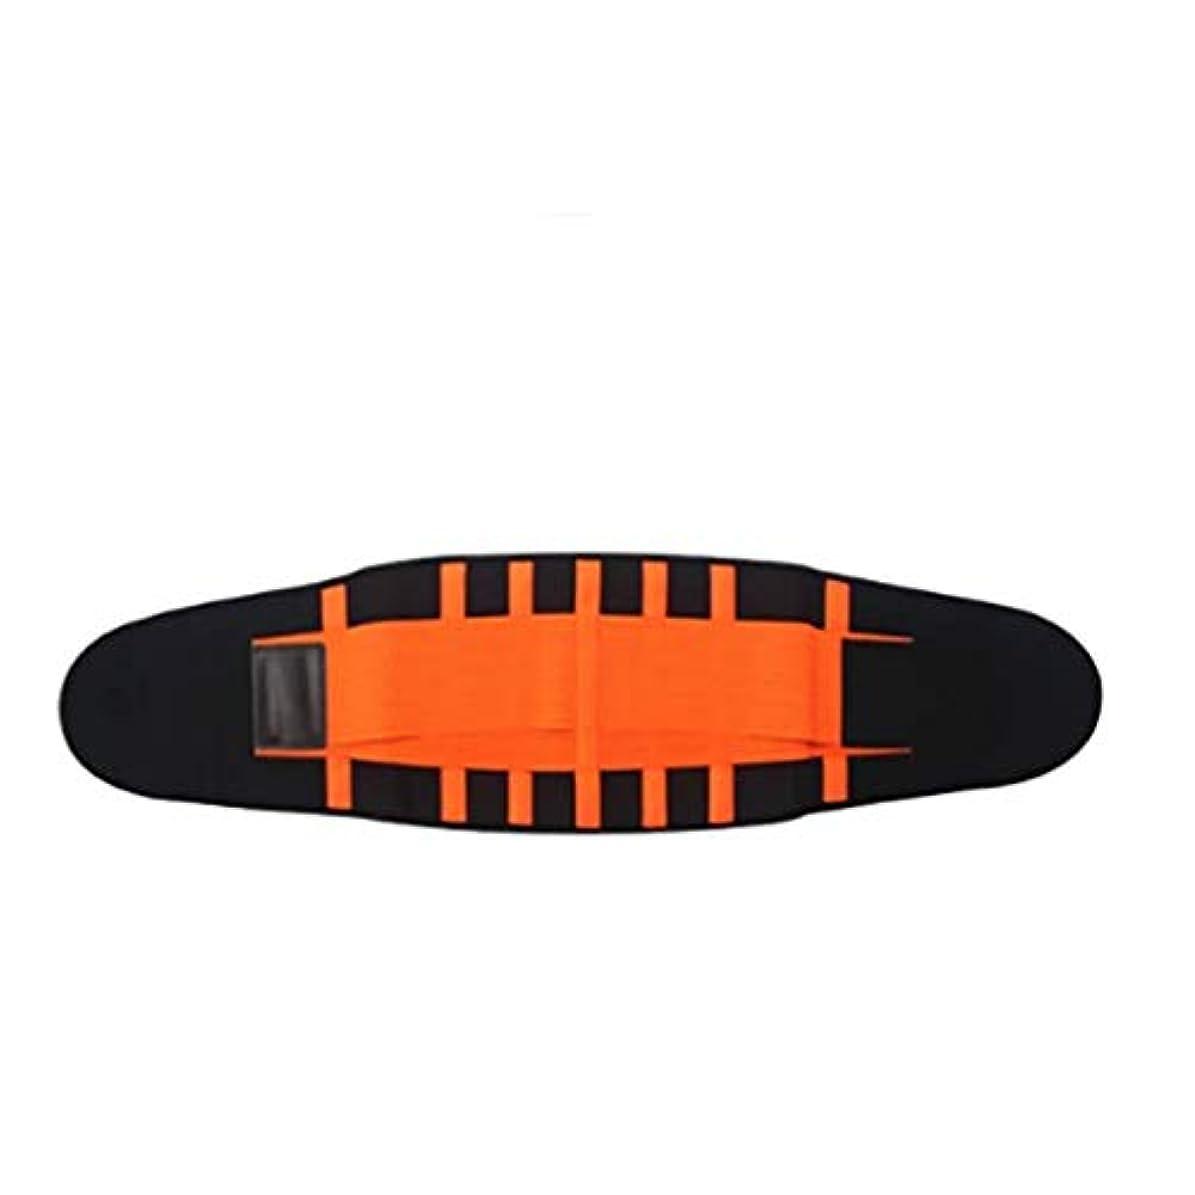 トーン円周壊れたフィットネスベルト、ウエストベルト、椎間板腰椎筋肉の緊張、腹部暖かいウエスト、ウエストの保護、腹部ベルト、産後/スポーツ/フィットネス (Size : S)